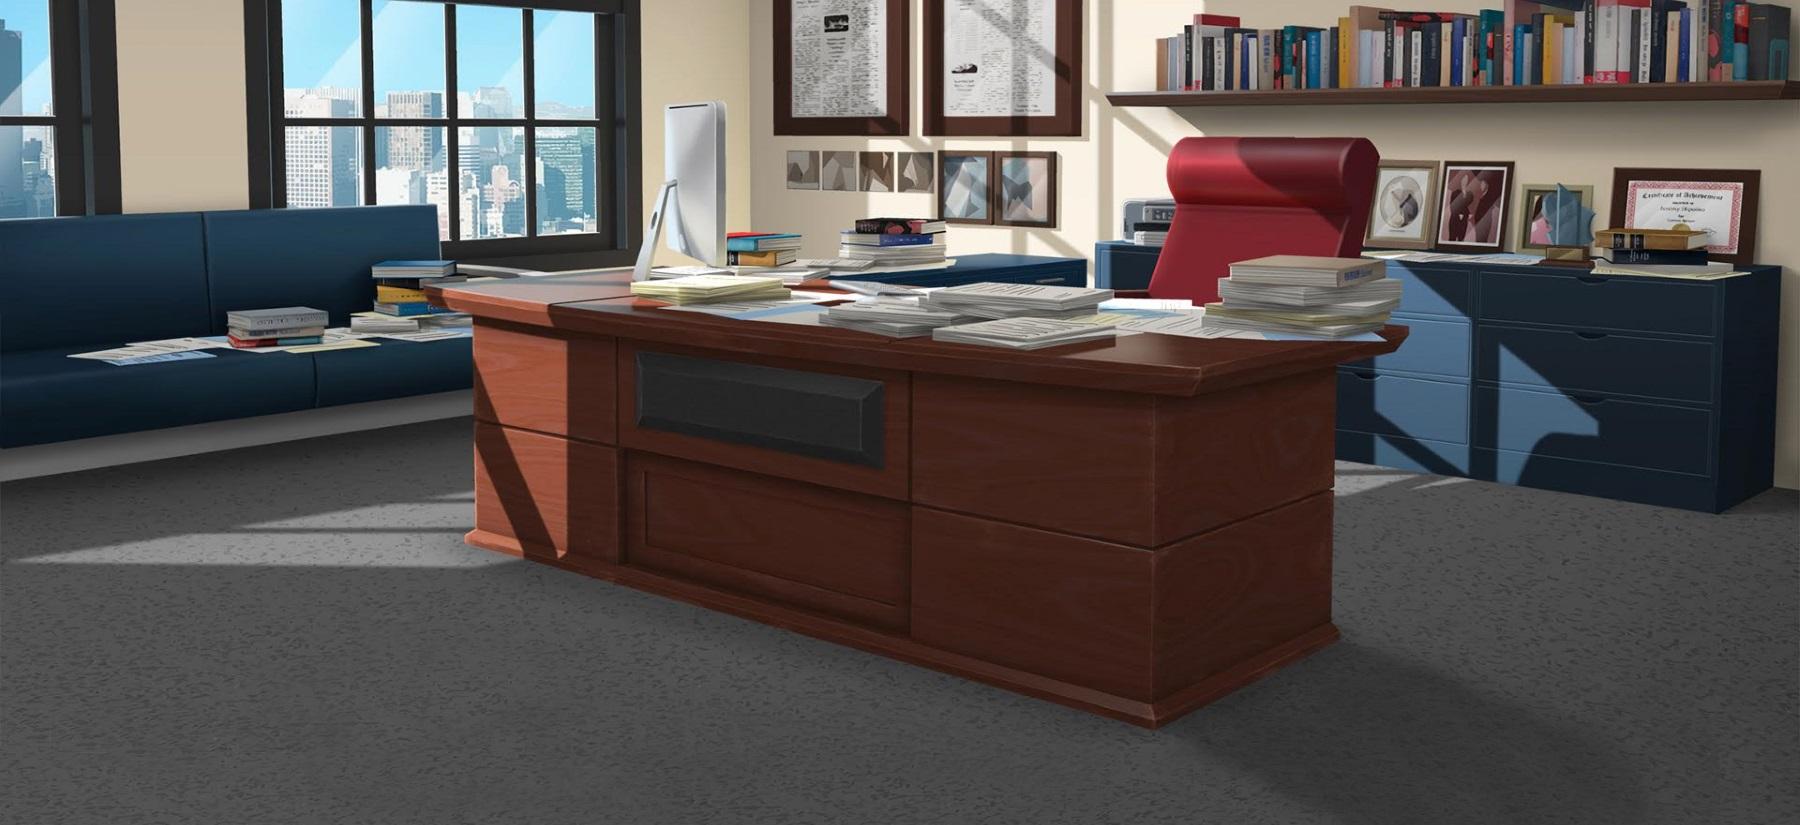 XL Background - Office 01.jpg